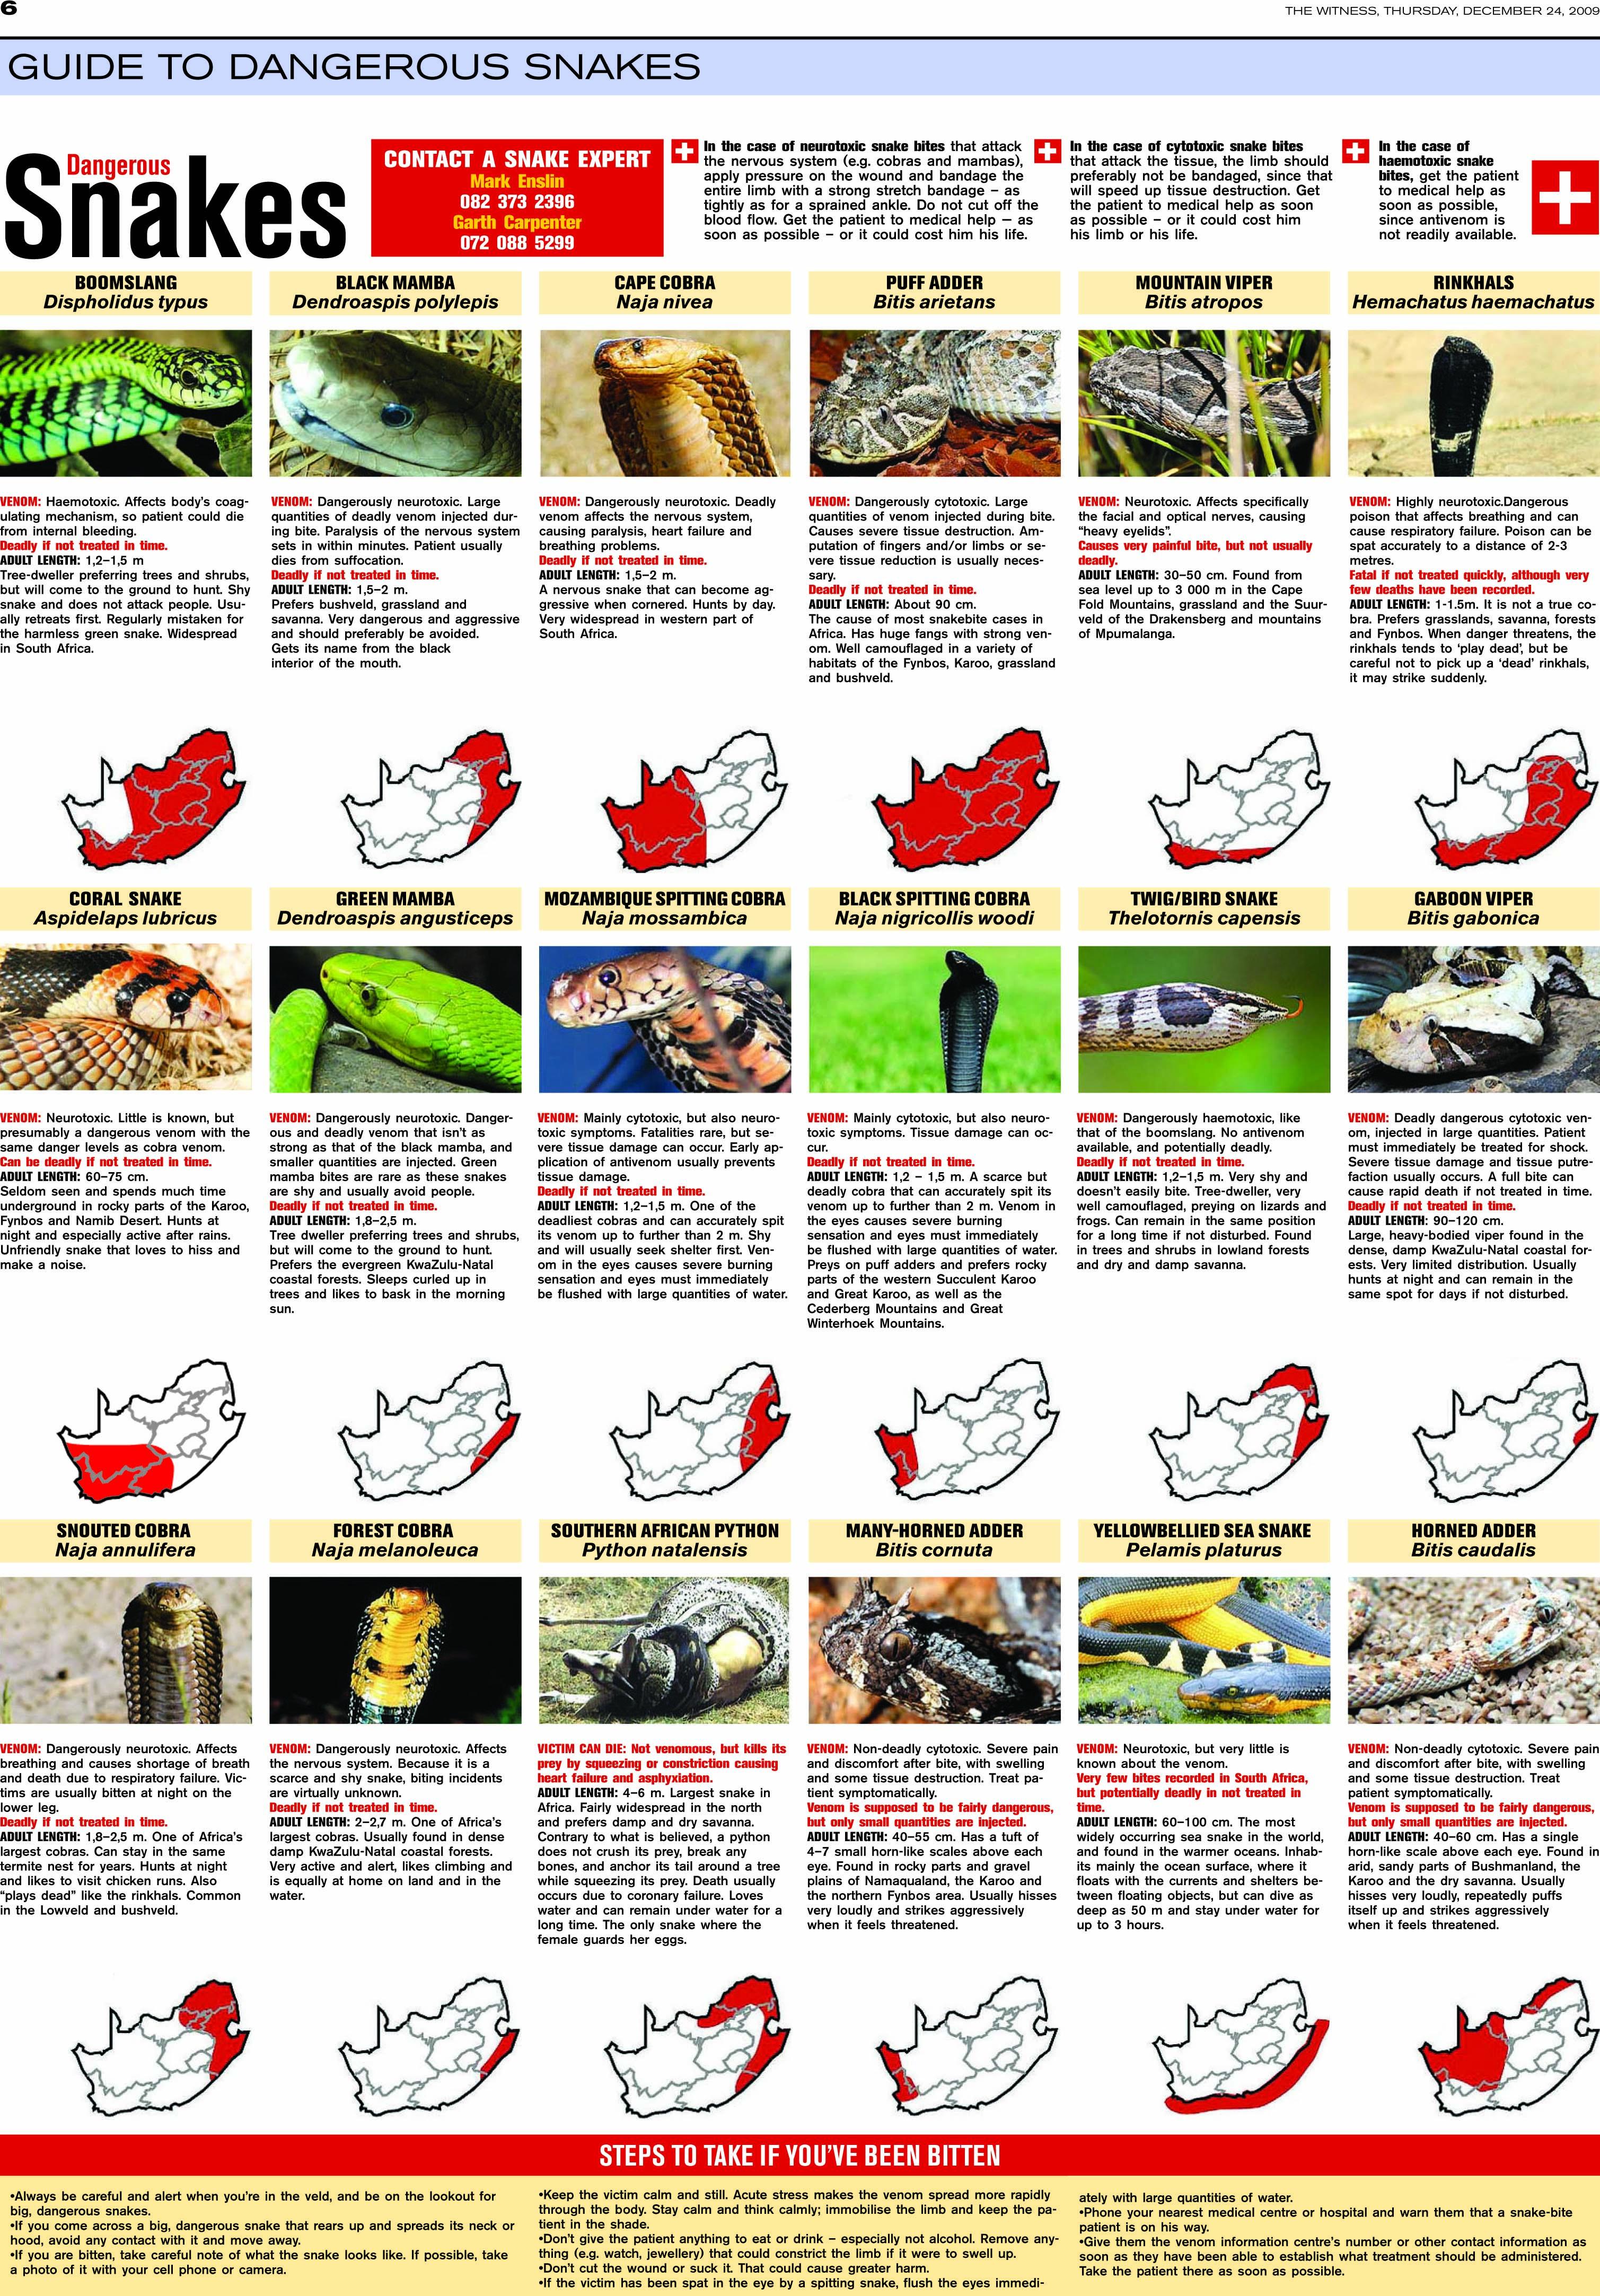 dangerous snakes and snakebite